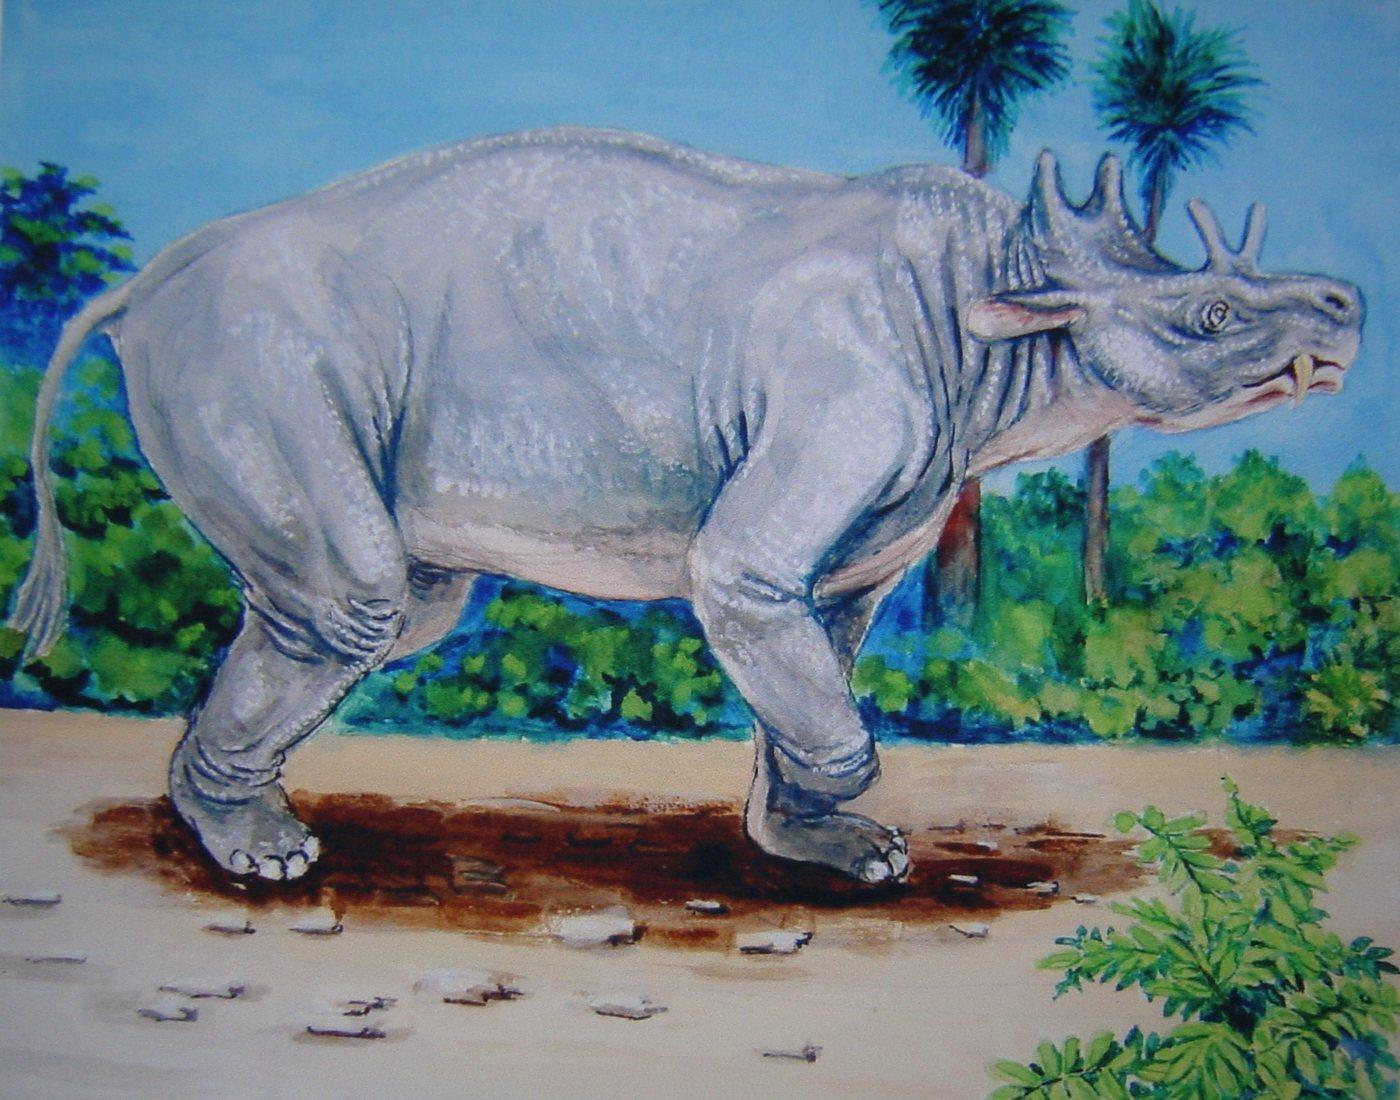 エンタテリウム:新生代初期の哺乳類 : 田代正之絵画集(趣味の絵画)